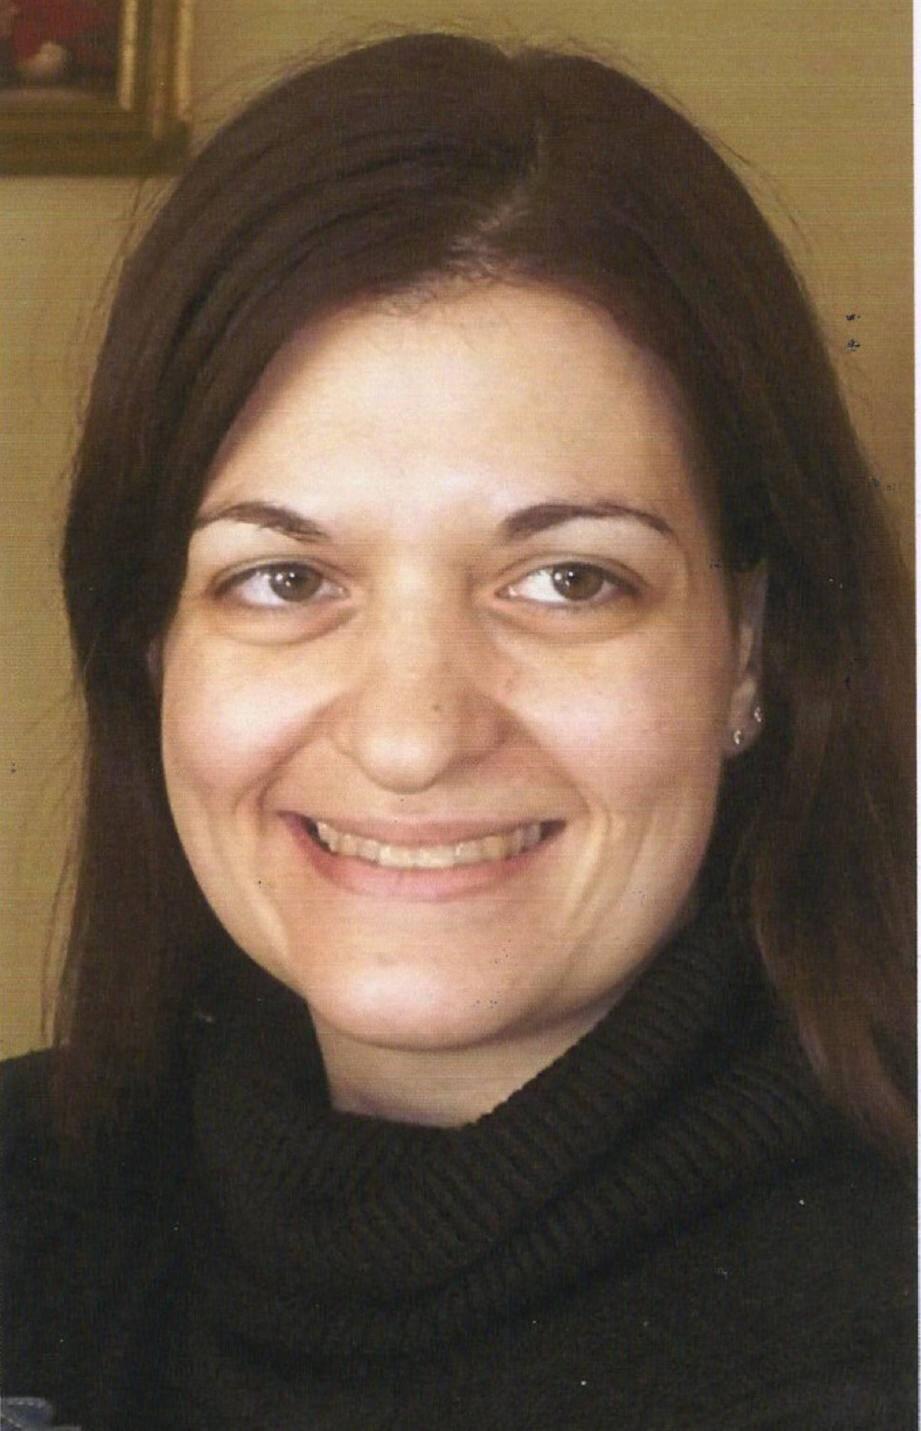 Laetitia Navarro-Piernas a quitté son domicile grassois samedi 21 avril sans son téléphone portable. Cela fait maintenant cinq jours que sa famille est sans nouvelle.